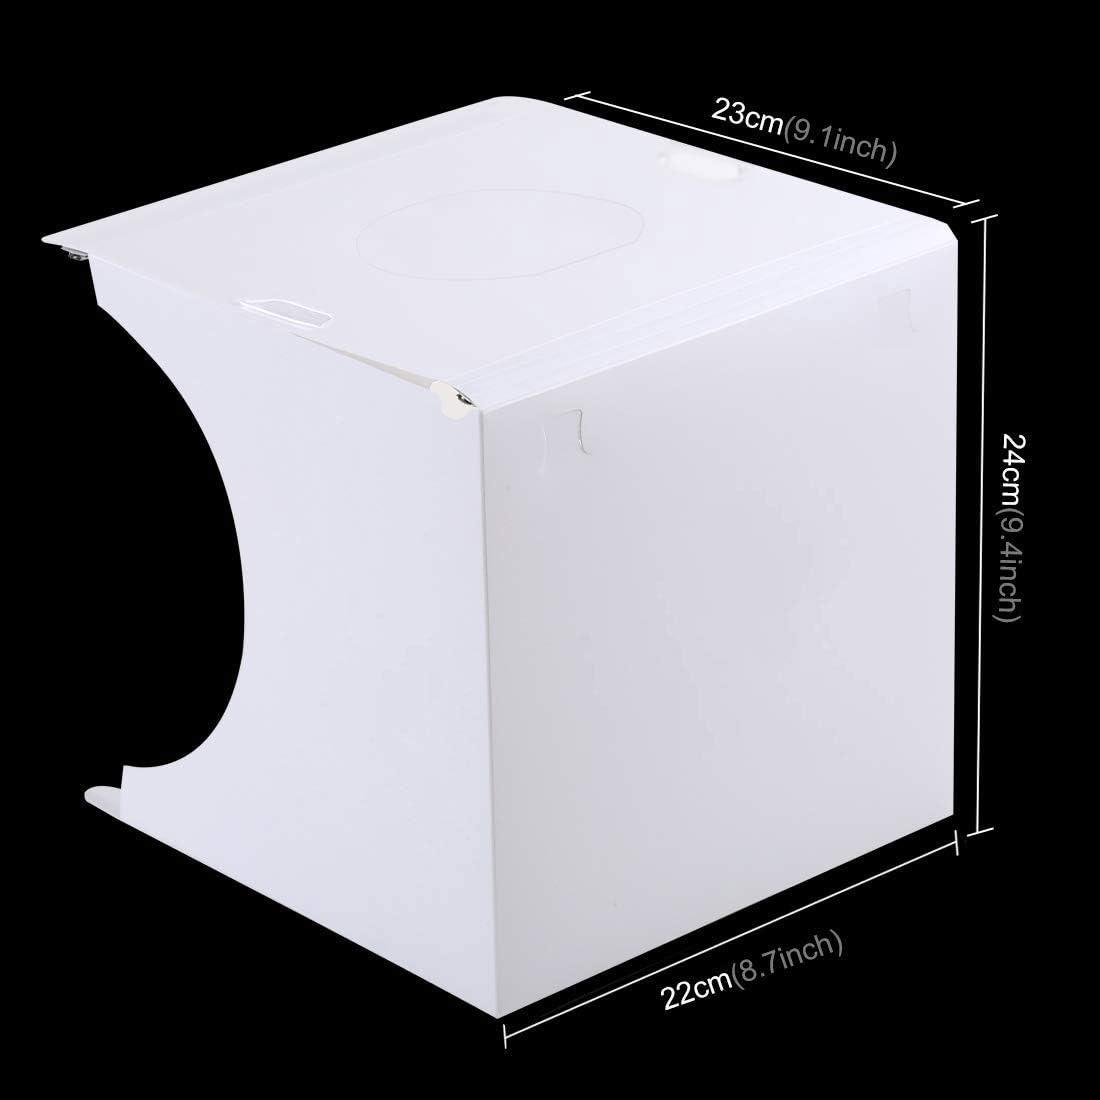 LED Foldable Mini Table Top Shooting Tent Kit for Product Photography HWZDQLK Portable Studio Photo Box